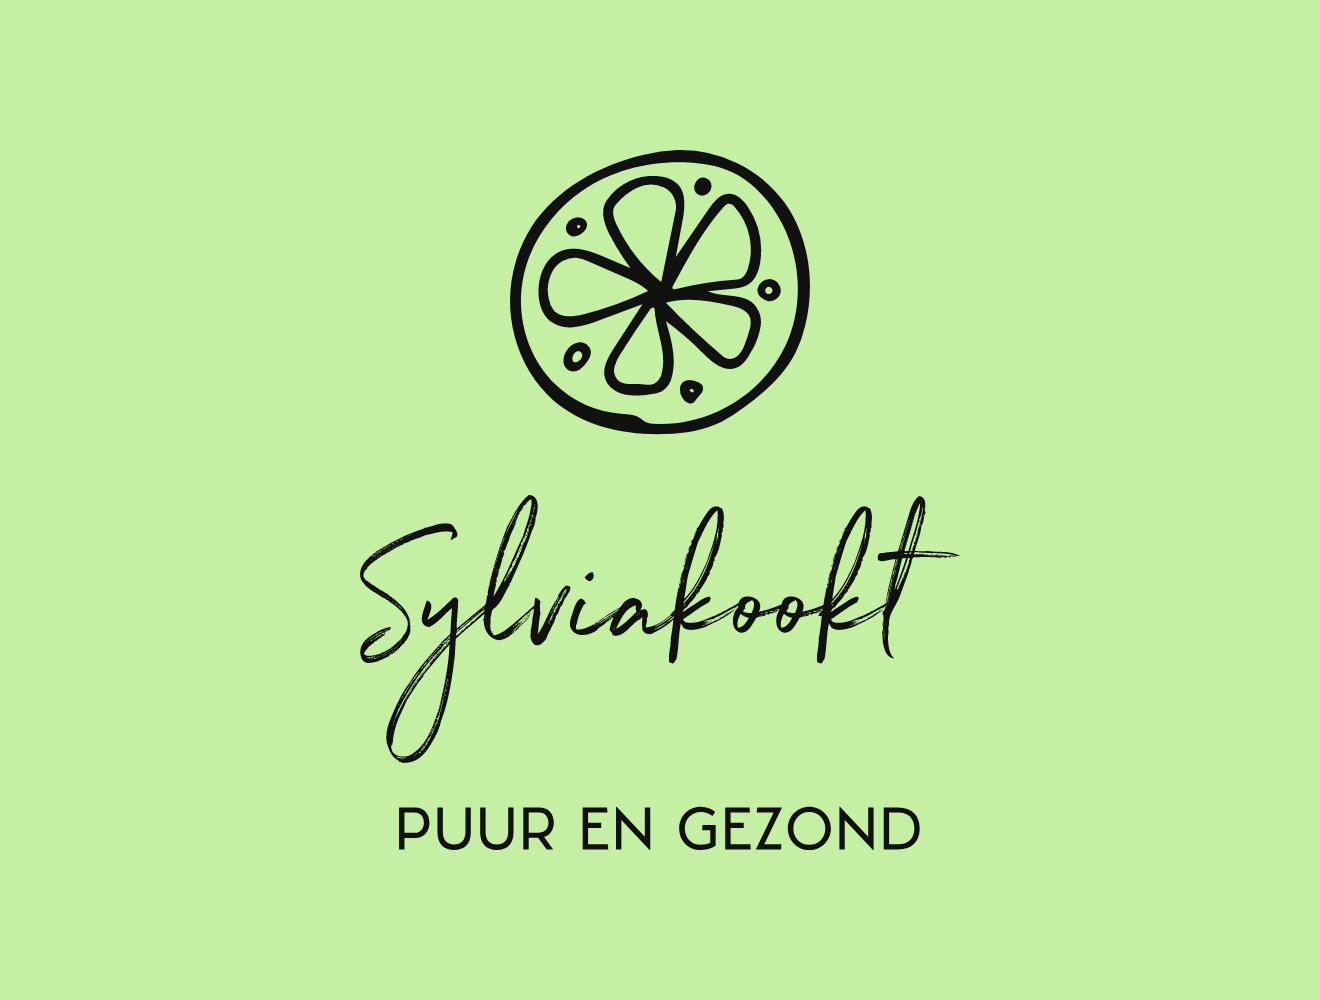 Sylviakookt